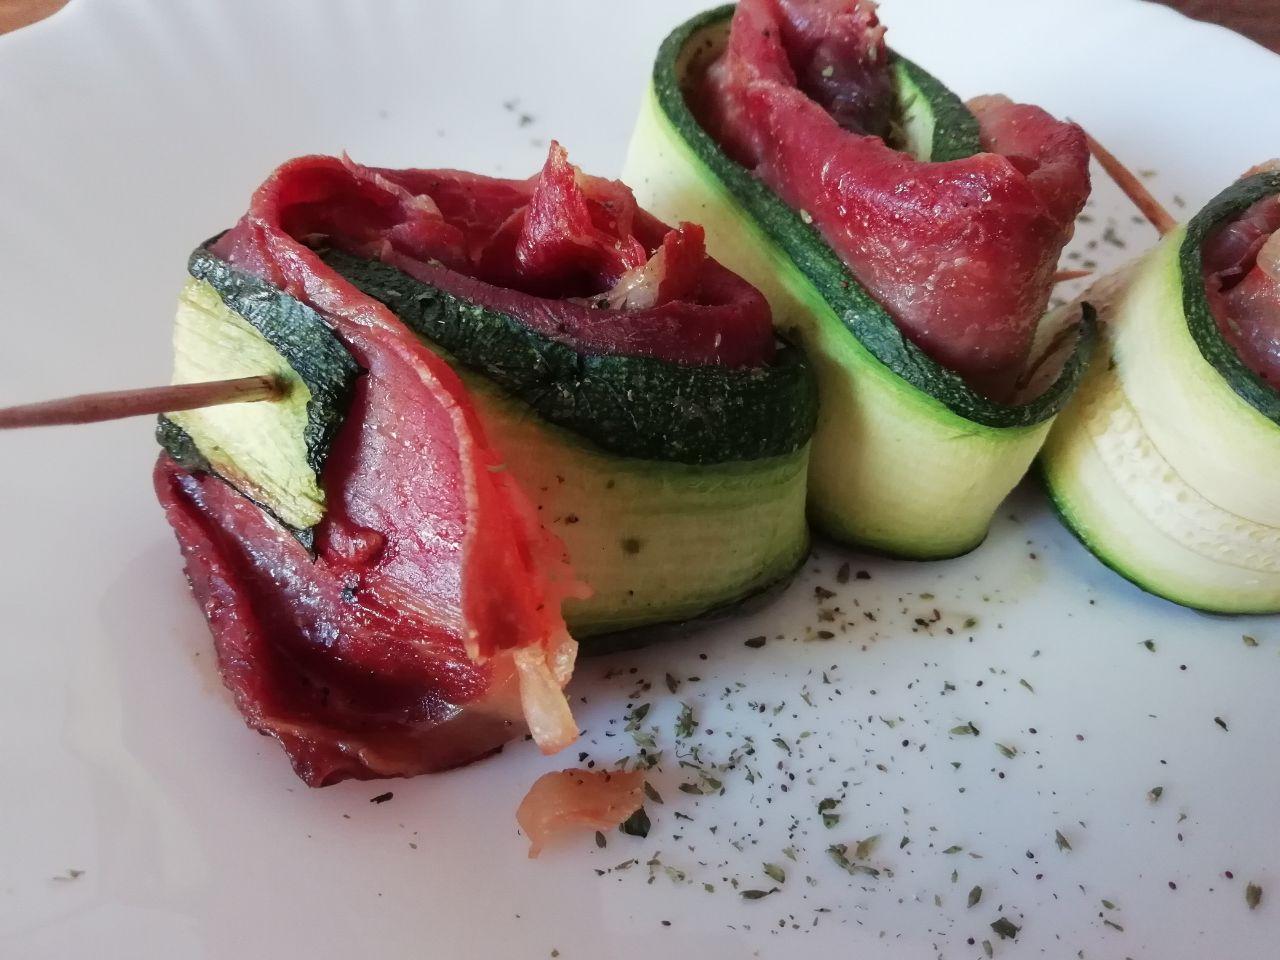 Antipasti facili e veloci: rotolini di zucchine e prosciutto crudo!